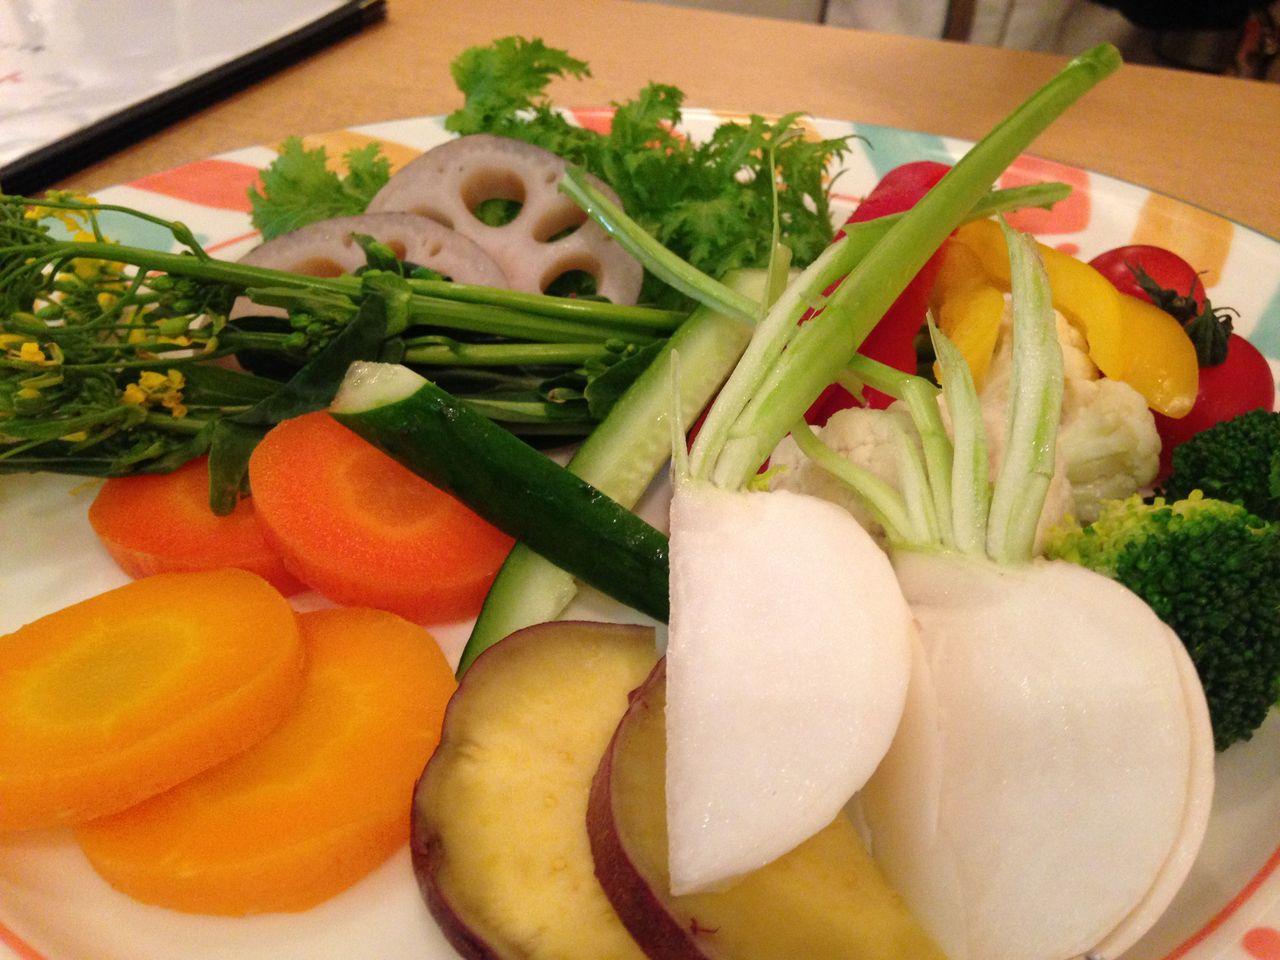 ジャックポットの野菜